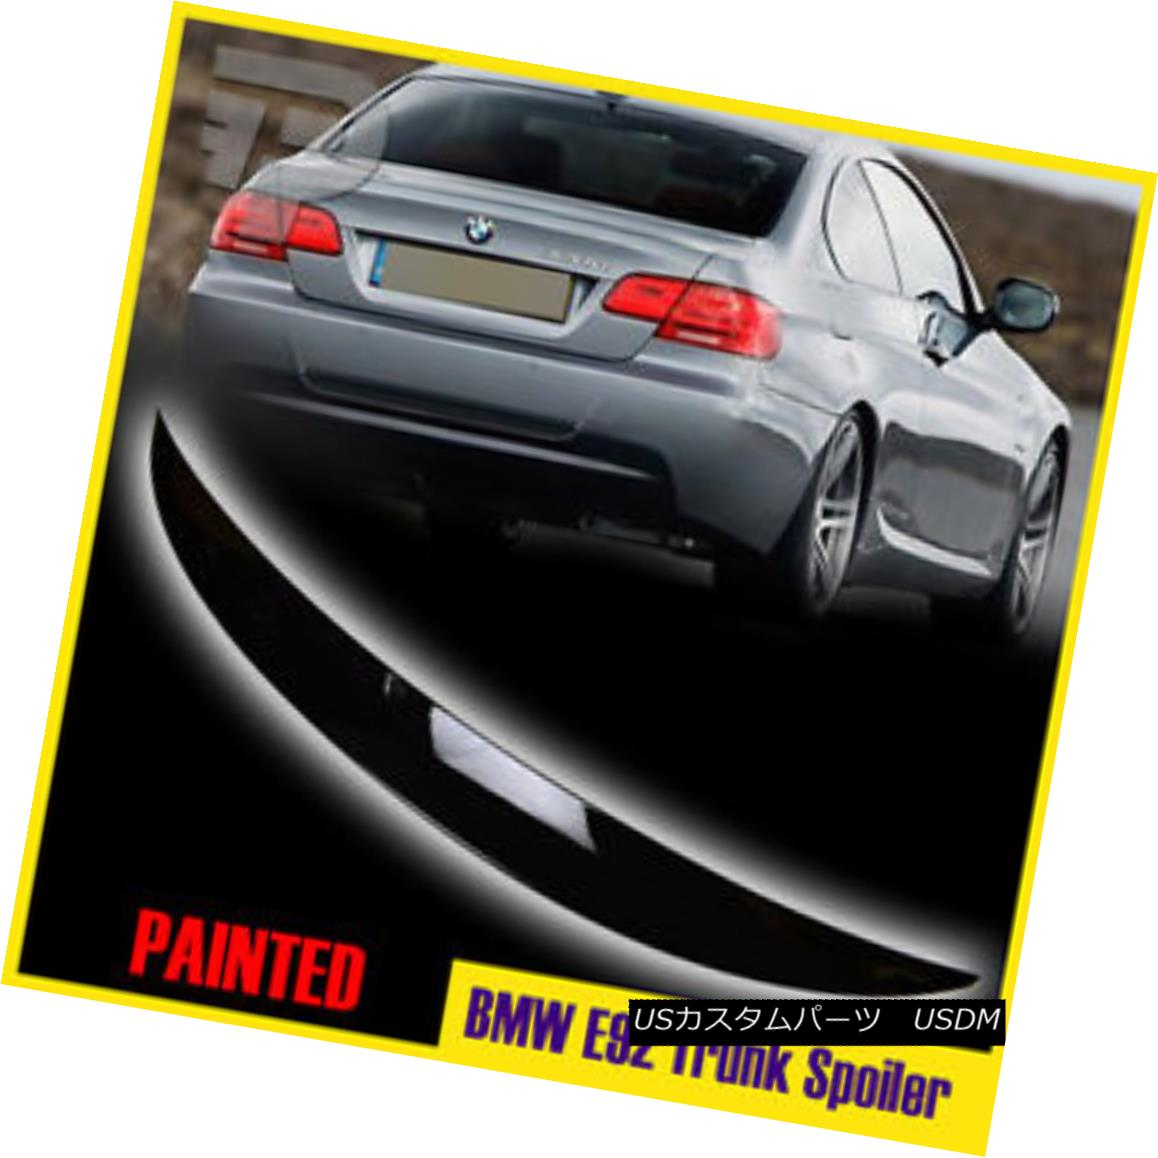 エアロパーツ PAINT #A22 HIGH KICK BMW E92 P-Look 2D Coupe Rear Trunk Wing Spoiler 328i 325i PAINT#A22ハイキックBMW E92 P-ルック2Dクーペリアトランクウイングスポイラー328i 325i